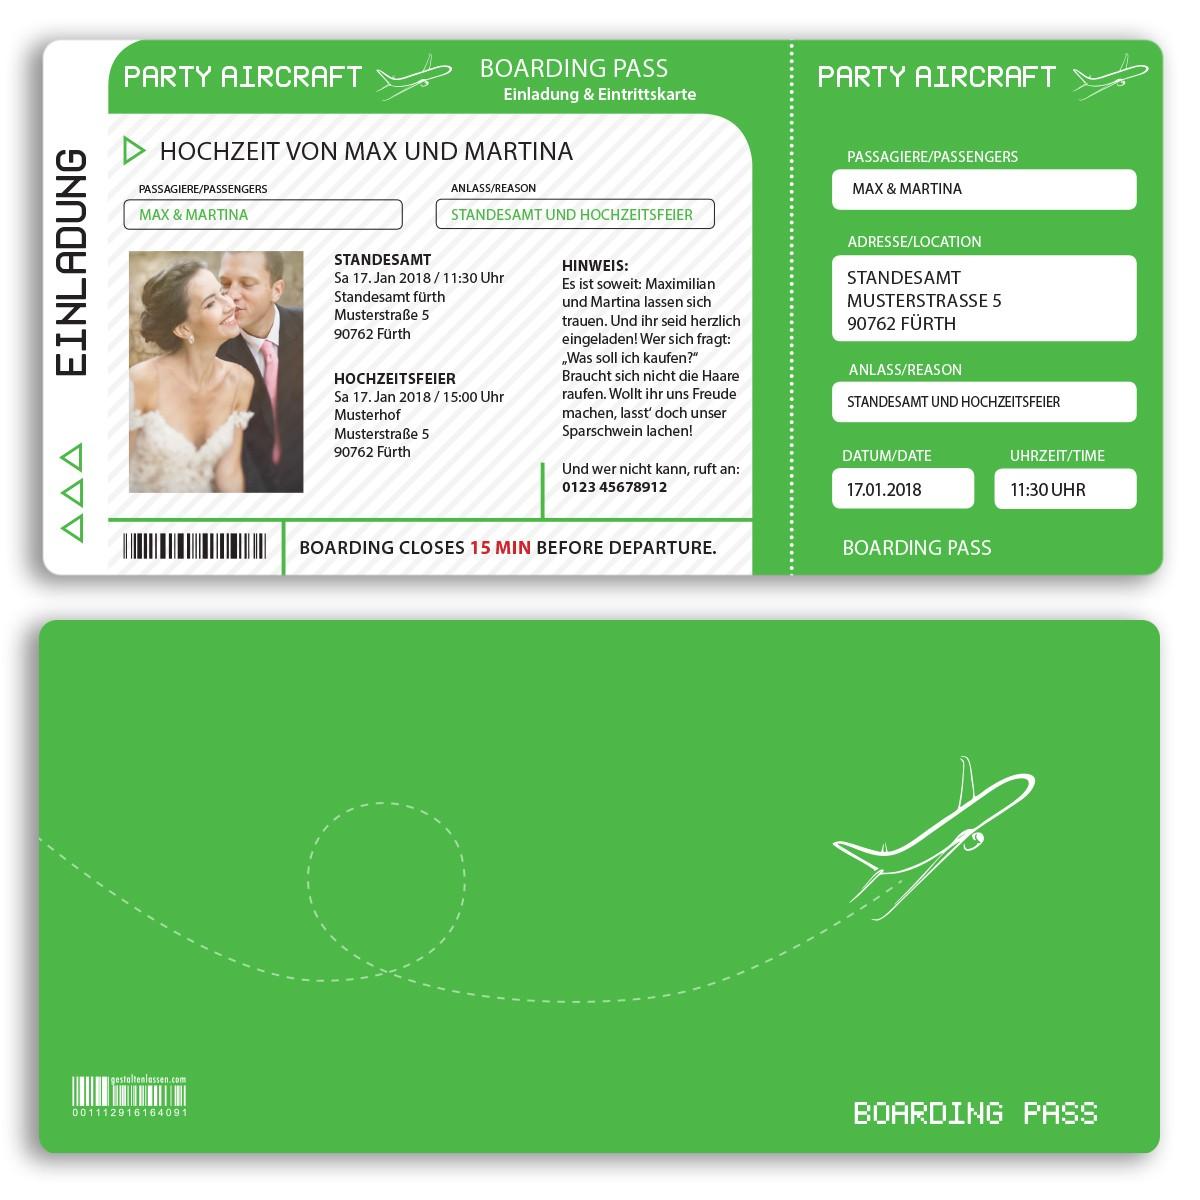 Hochzeitseinladungen als Flugticket in grün ab 55 Cent Einladung